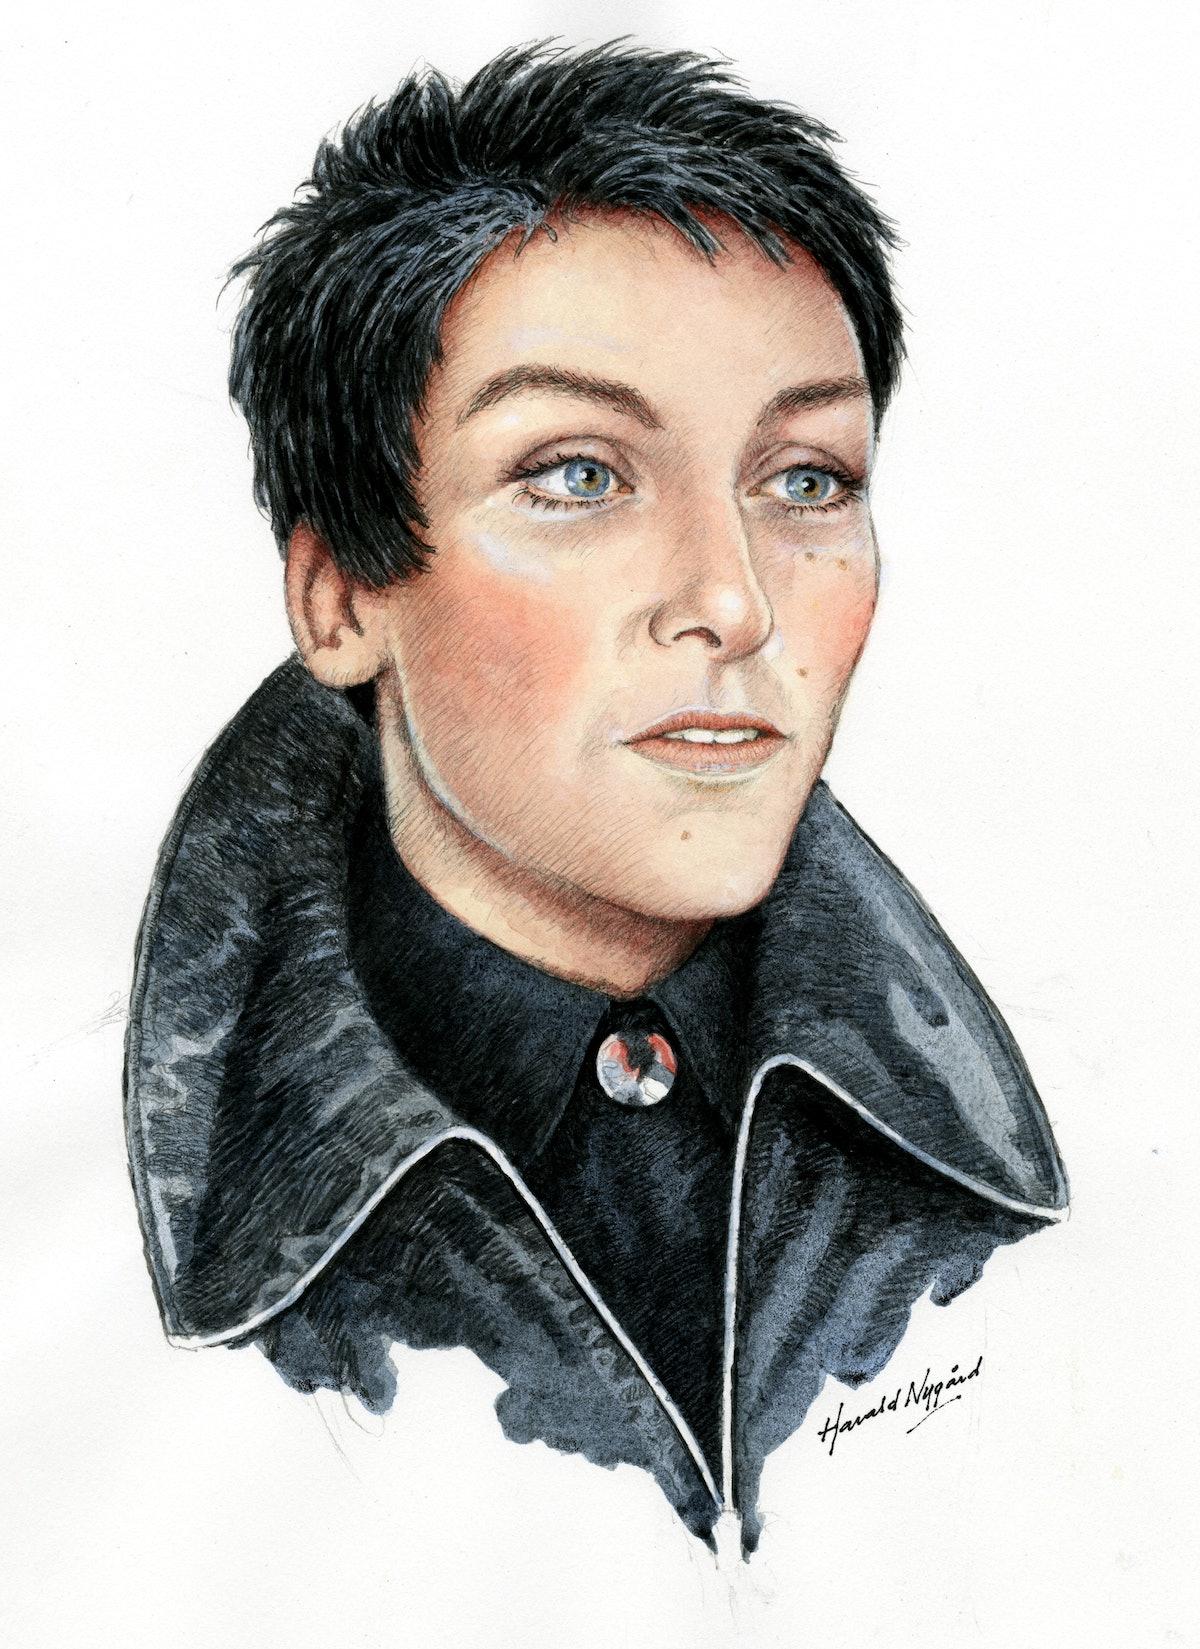 Jennifer Fairgate sketch